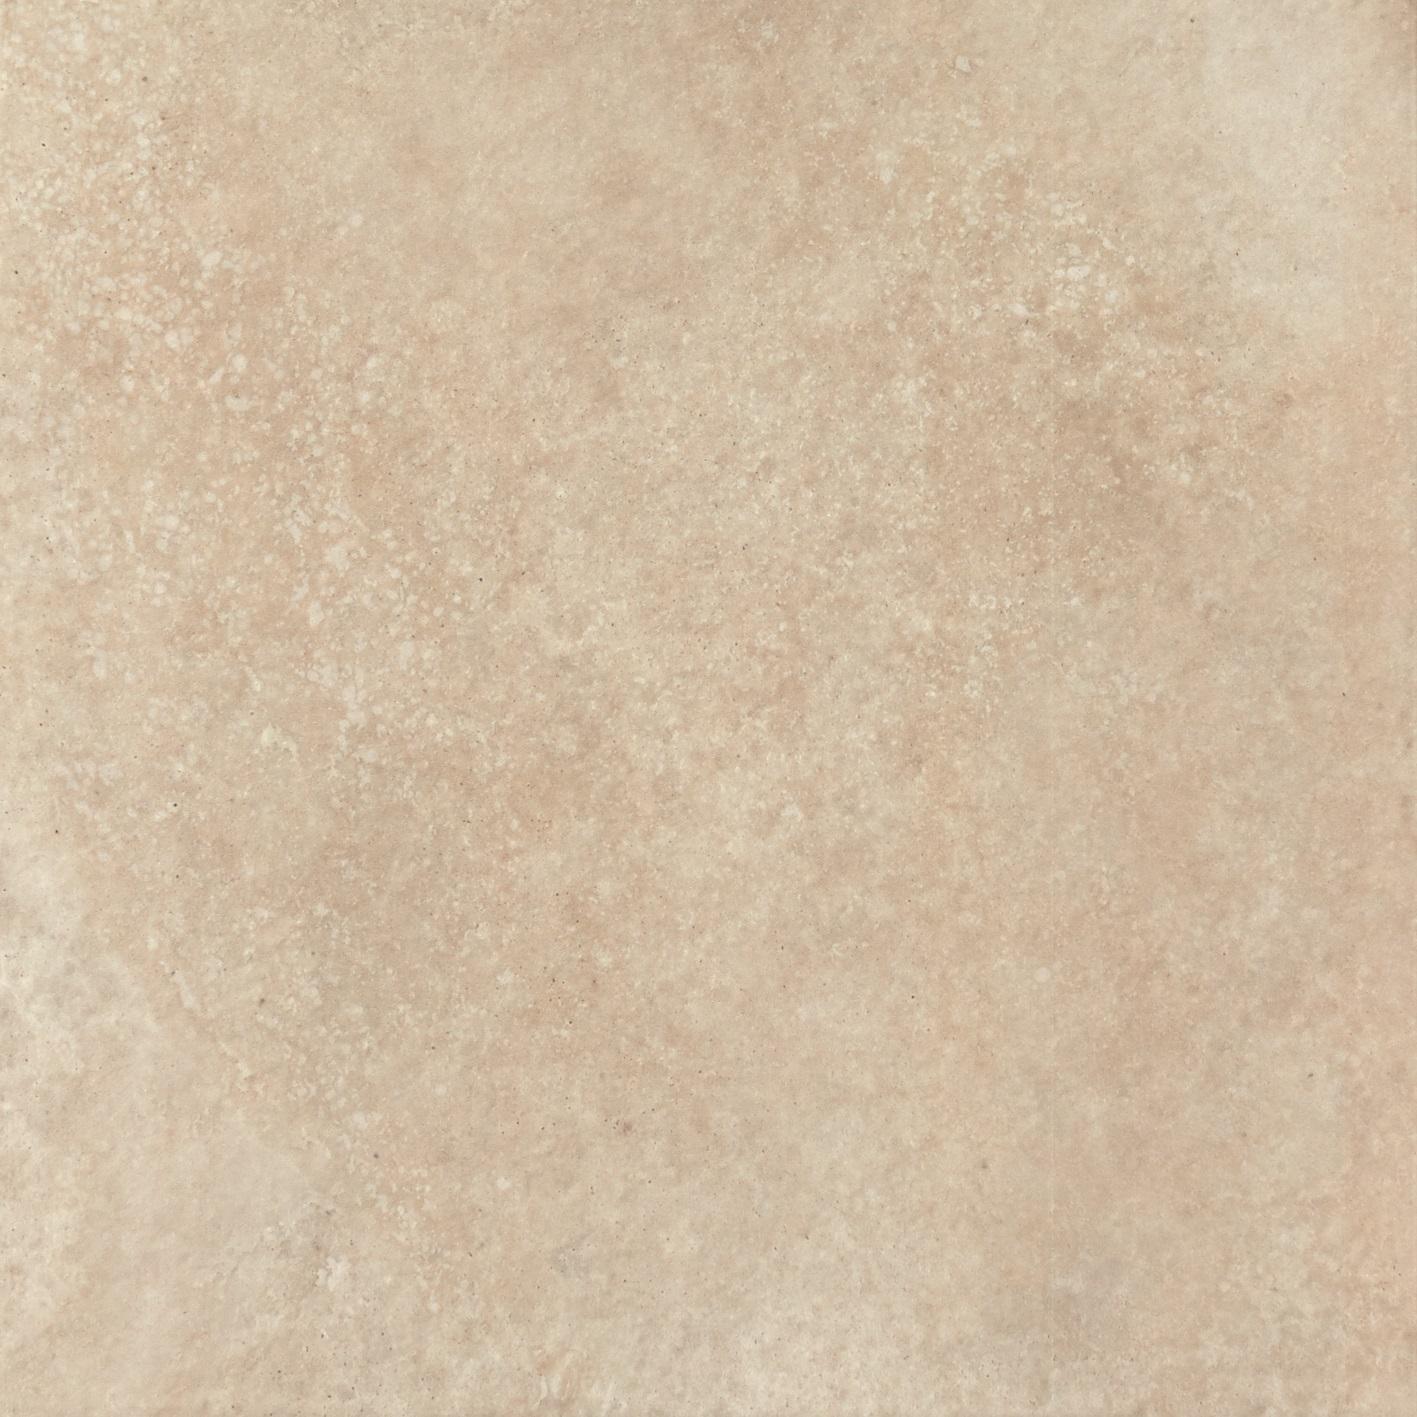 33b Venice ivory matt 45x45 - Hansas Plaadimaailm